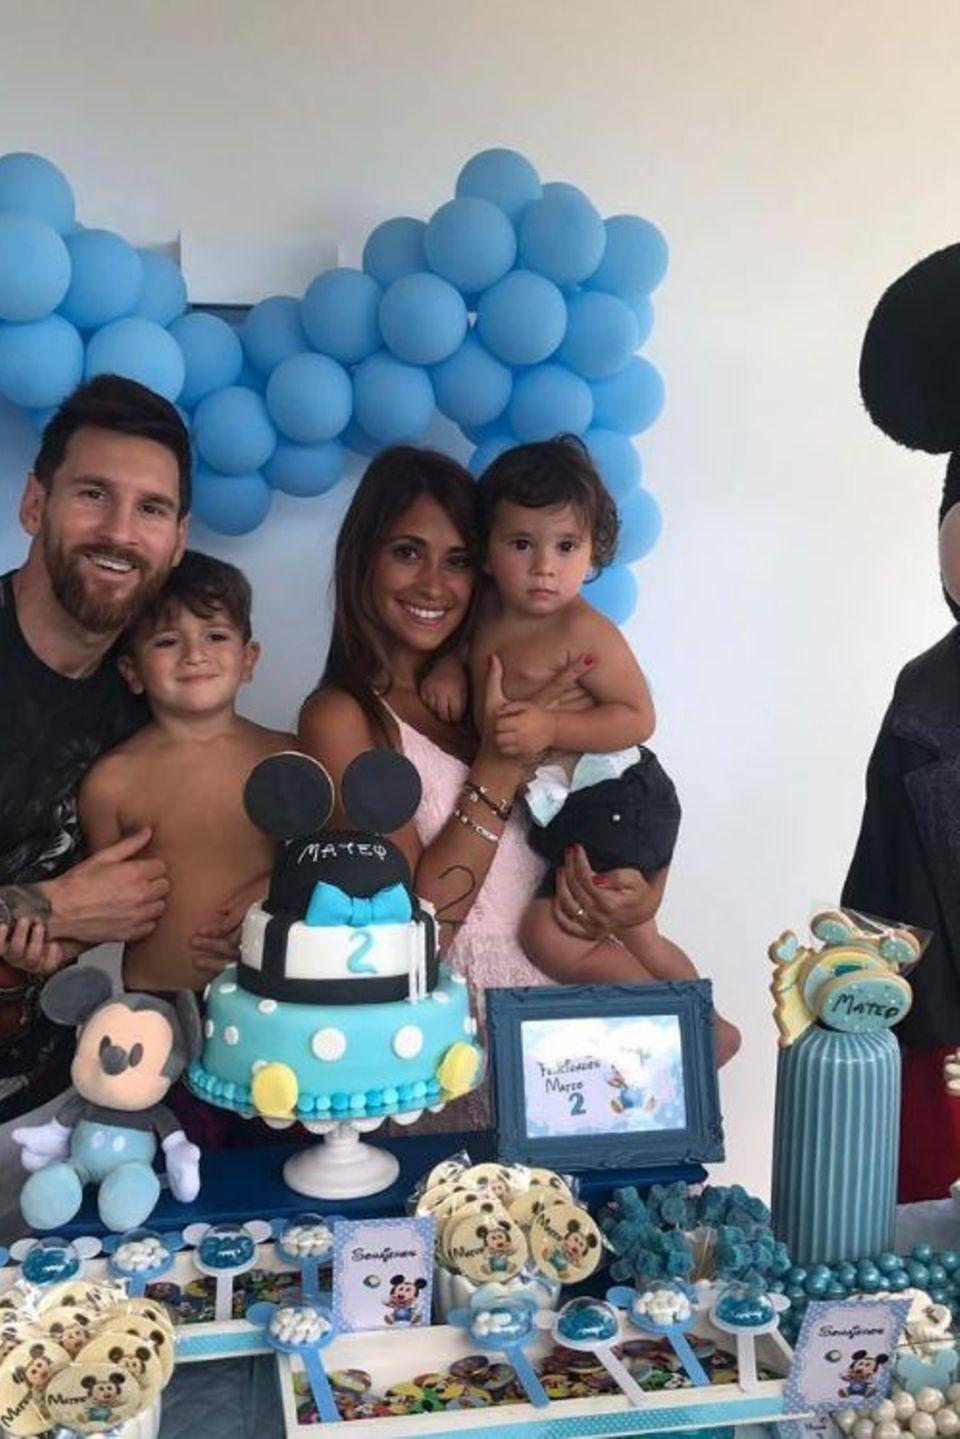 11. September 2017  Zum zweiten Geburtstag seines Sohnes Mateo haben sich Lionel Messi und seine Frau Antonella Roccuzzo etwas ganz Besonderes einfallen lassen. Die Geburtstagsfeier findet im niedlichen Disneystil statt.